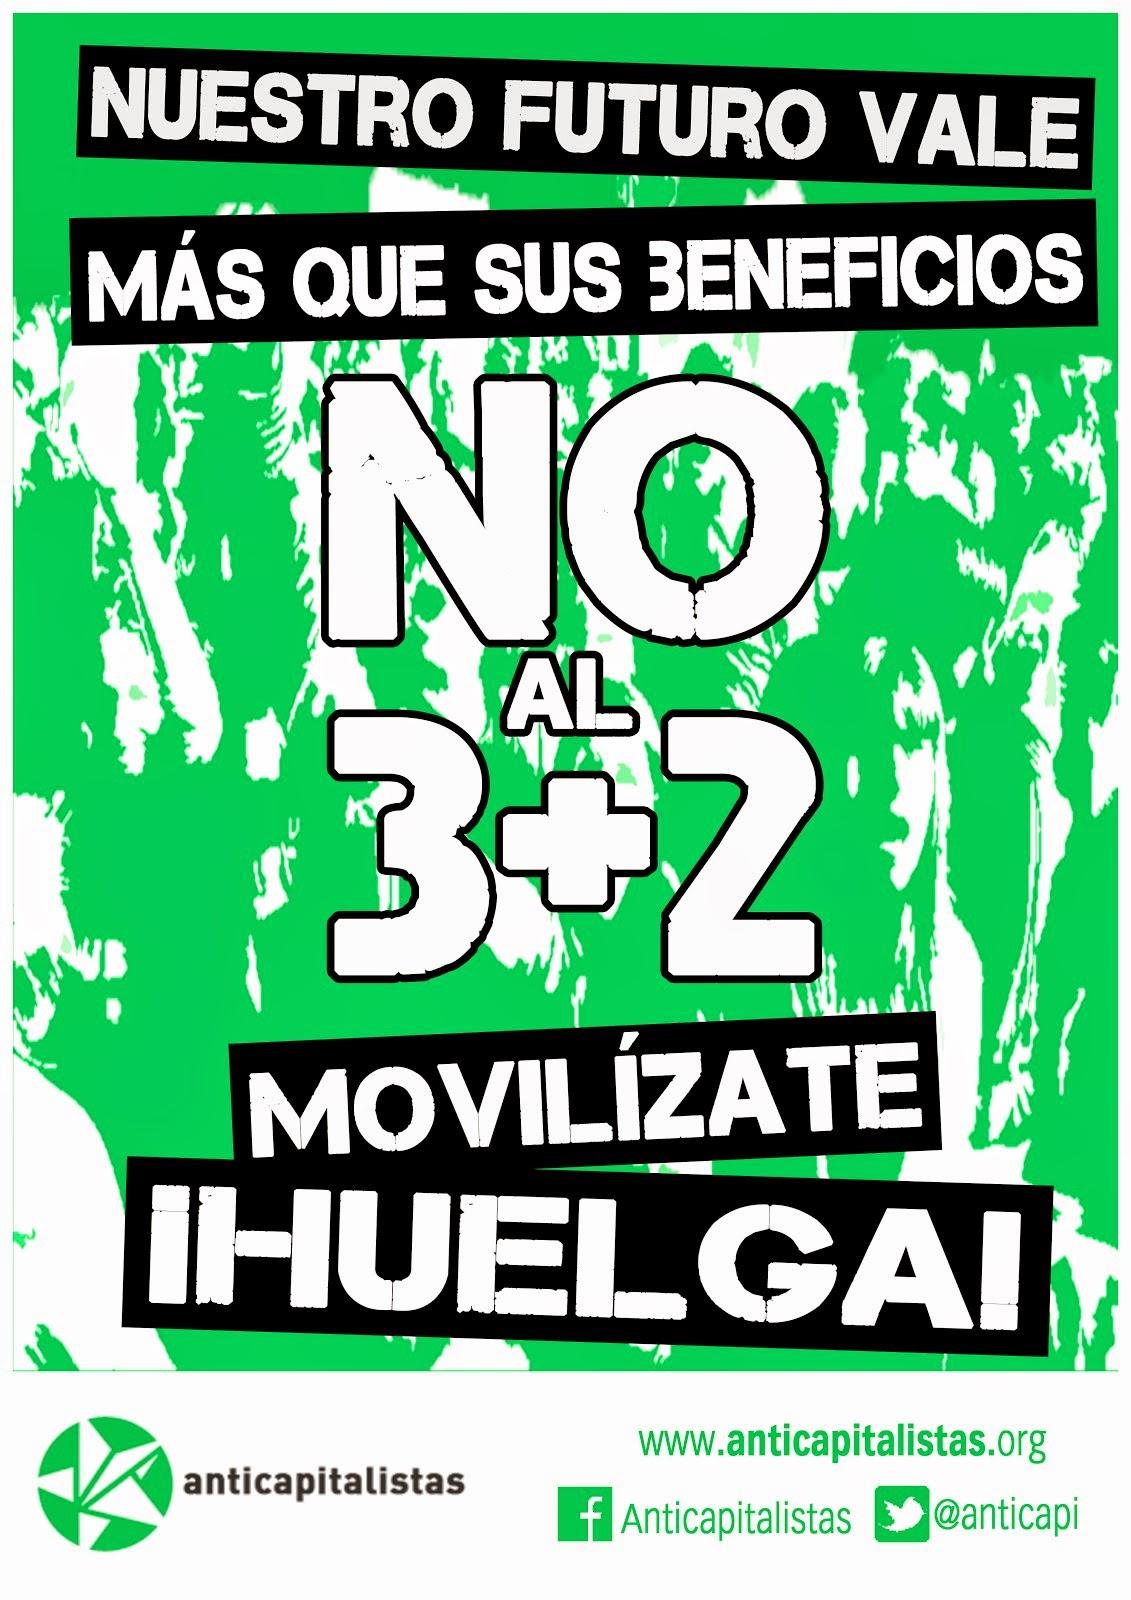 Huelga estudiantil el 25 y 26 de febrero